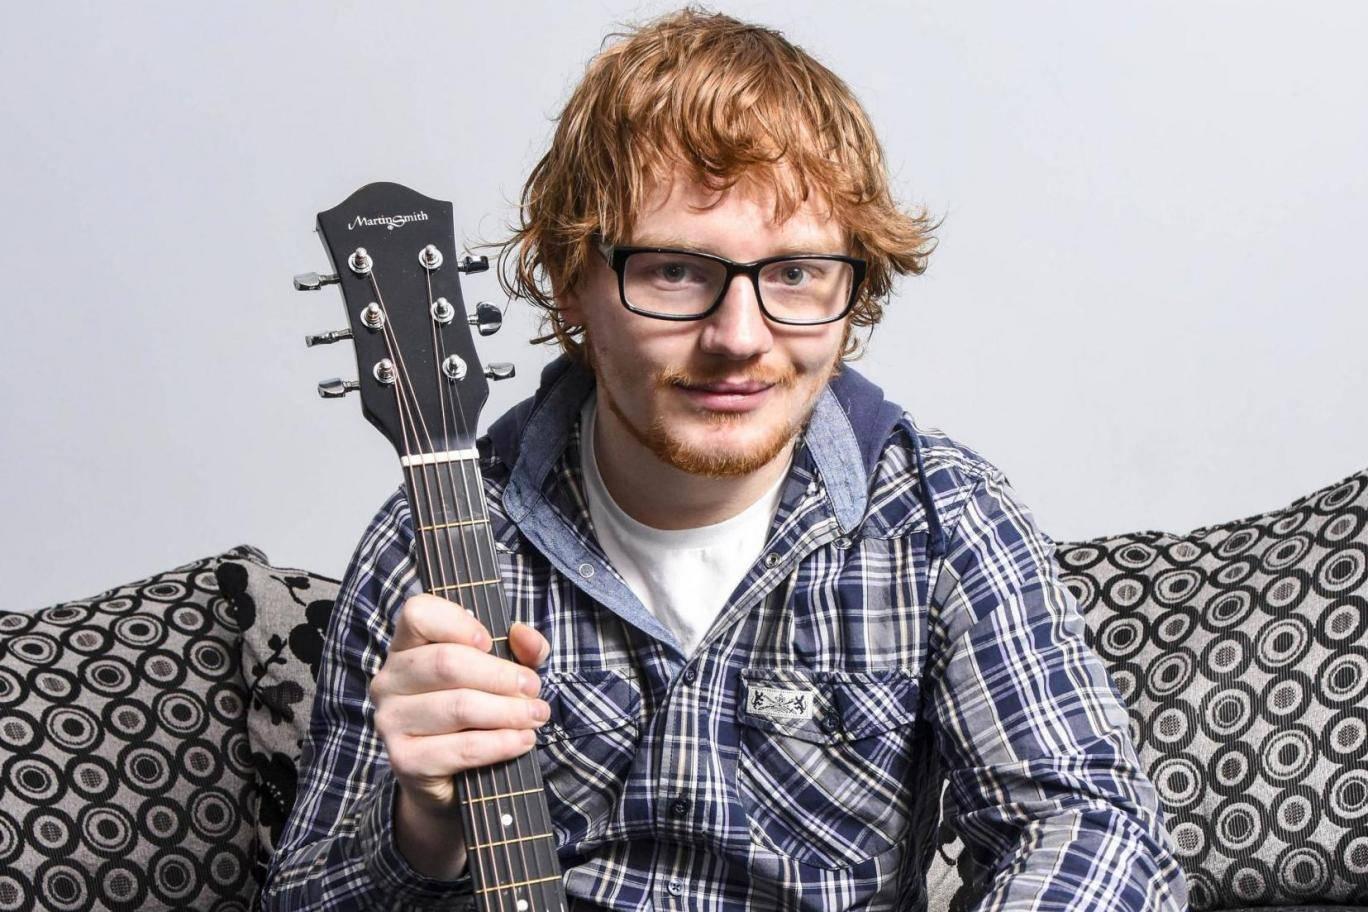 wesley-byrne-ed-sheeran